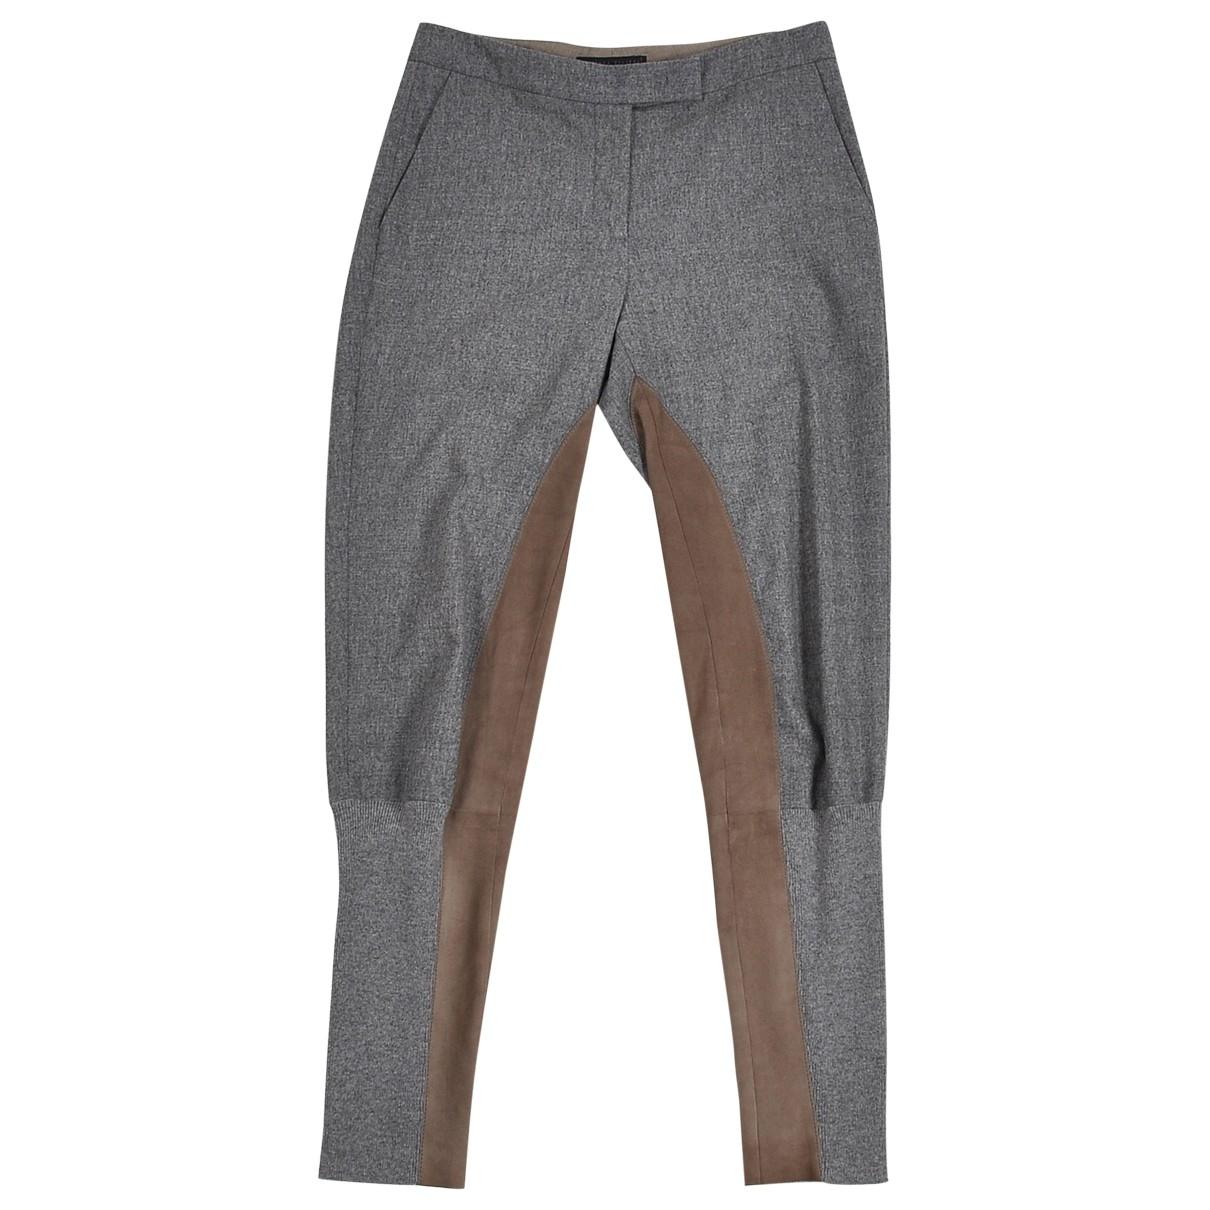 Fabiana Filippi \N Grey Wool Trousers for Women 40 IT